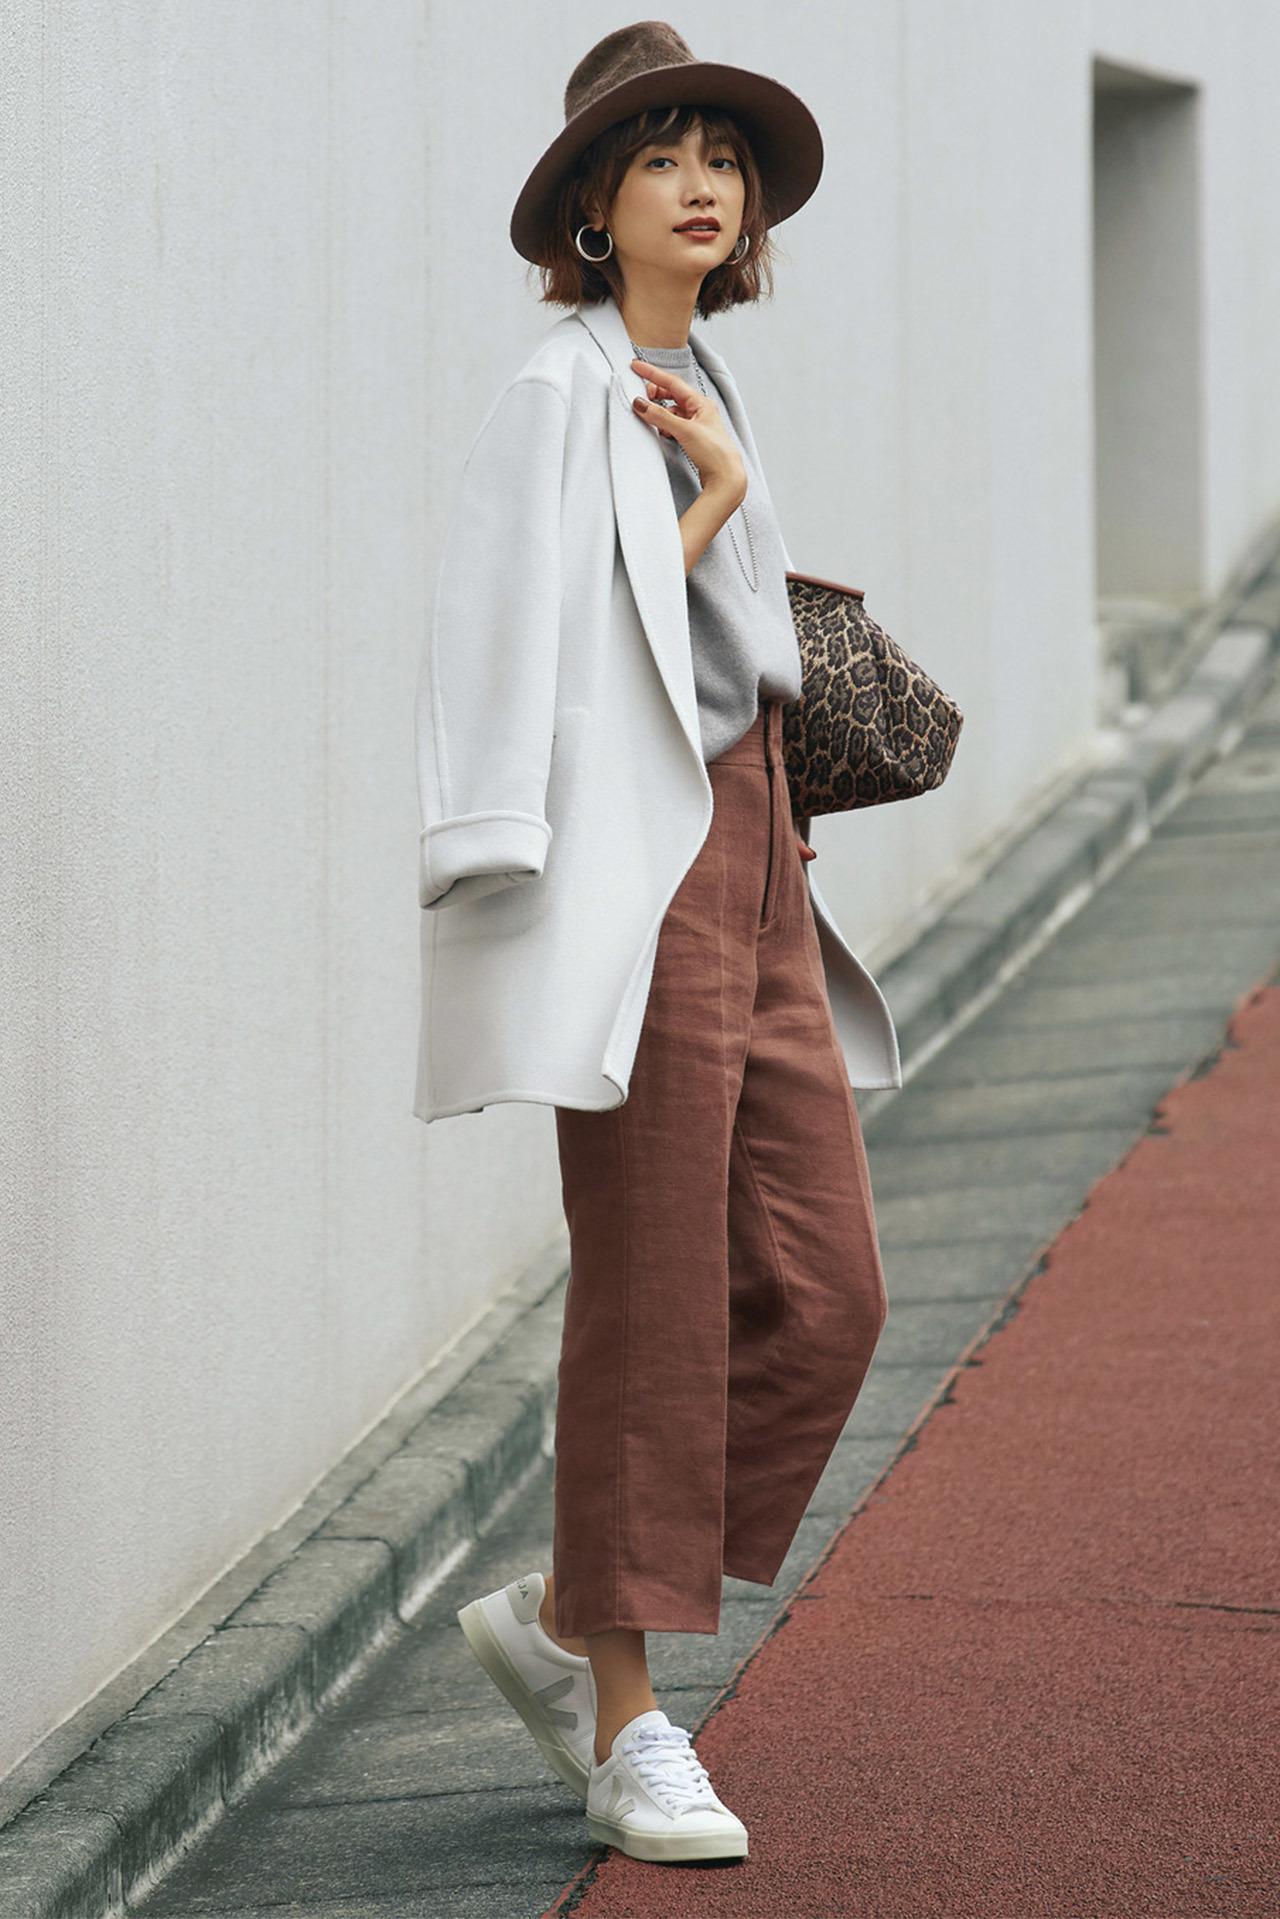 Style 1. アイスグレー短めコート×白レザースニーカー 淡いグレーのジャケットコートは冬のぴりっとした空気感によくなじむ。白レザースニーカーでクリーンに決めて。